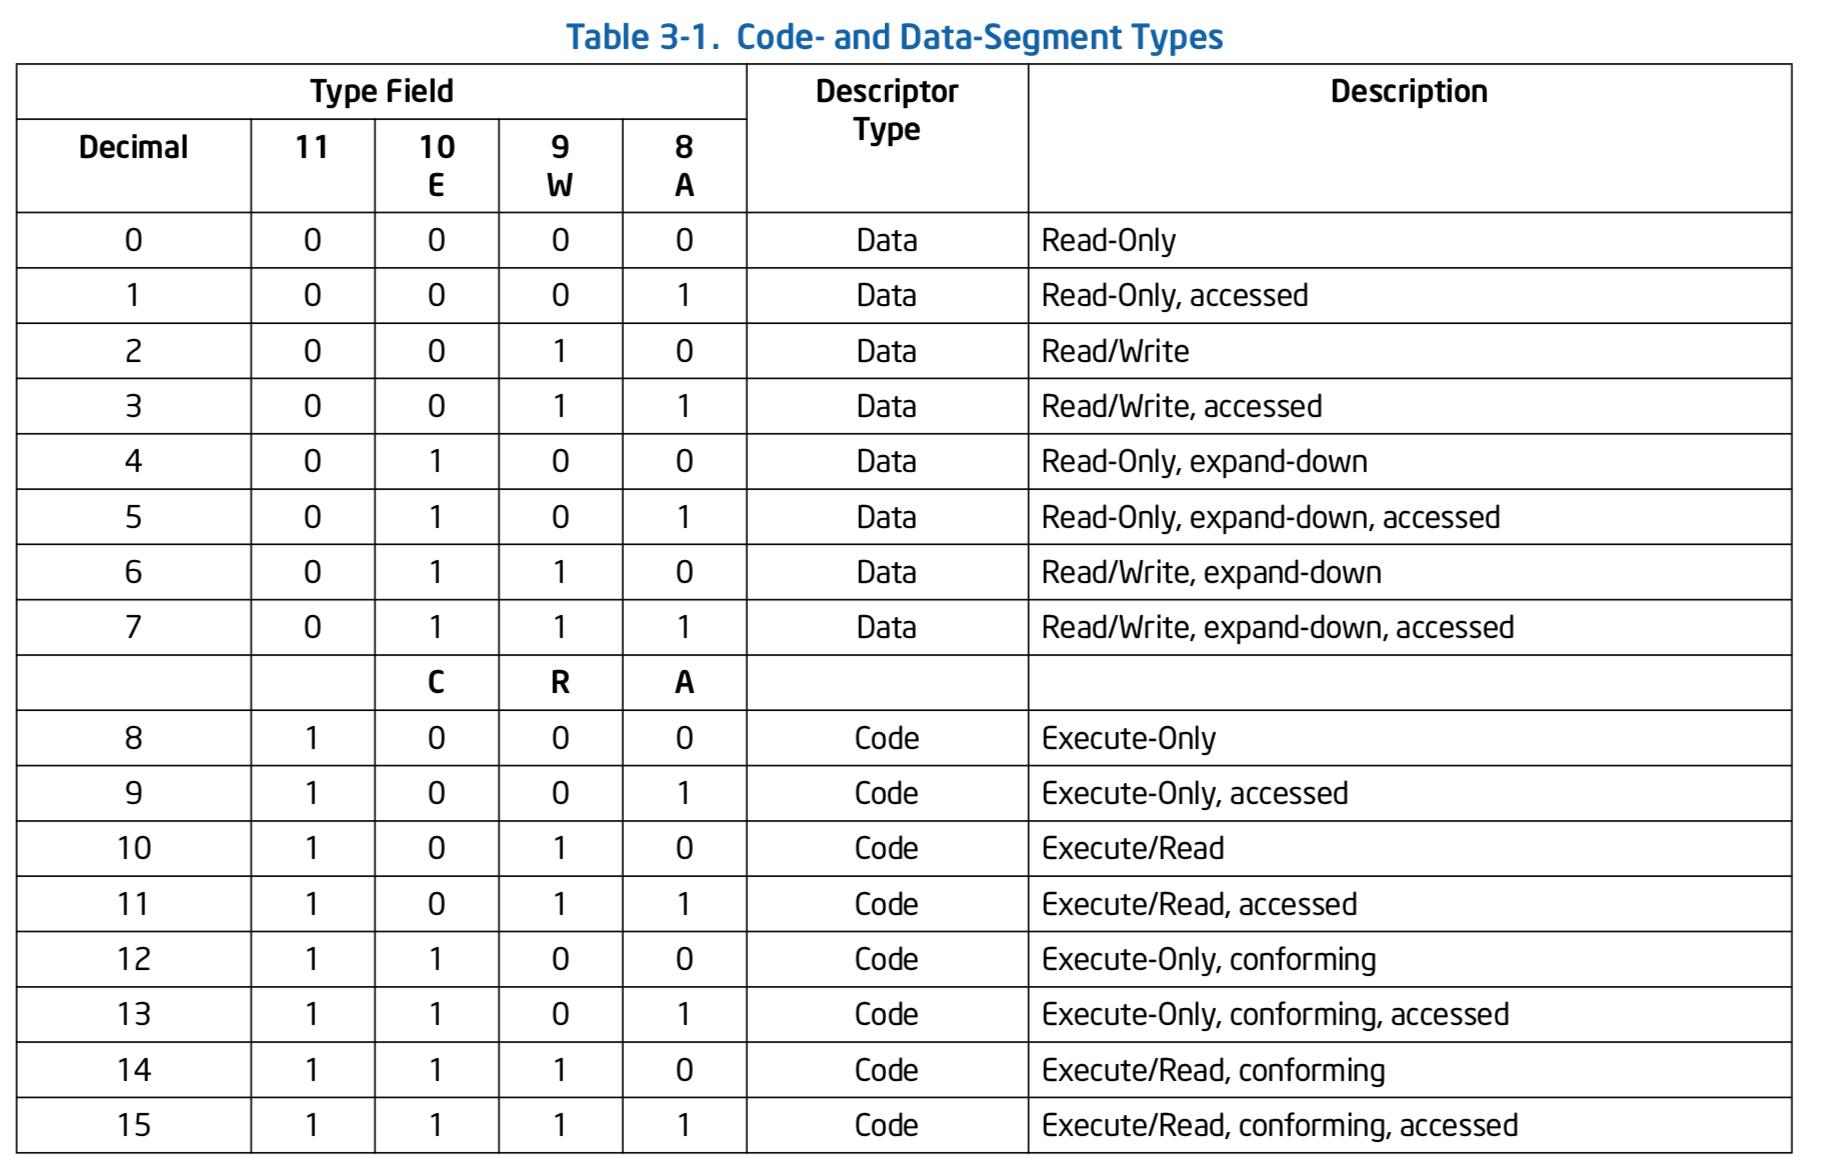 جدولی که مقدار دسترسی سگمنت کد و داده را مشخص میکند